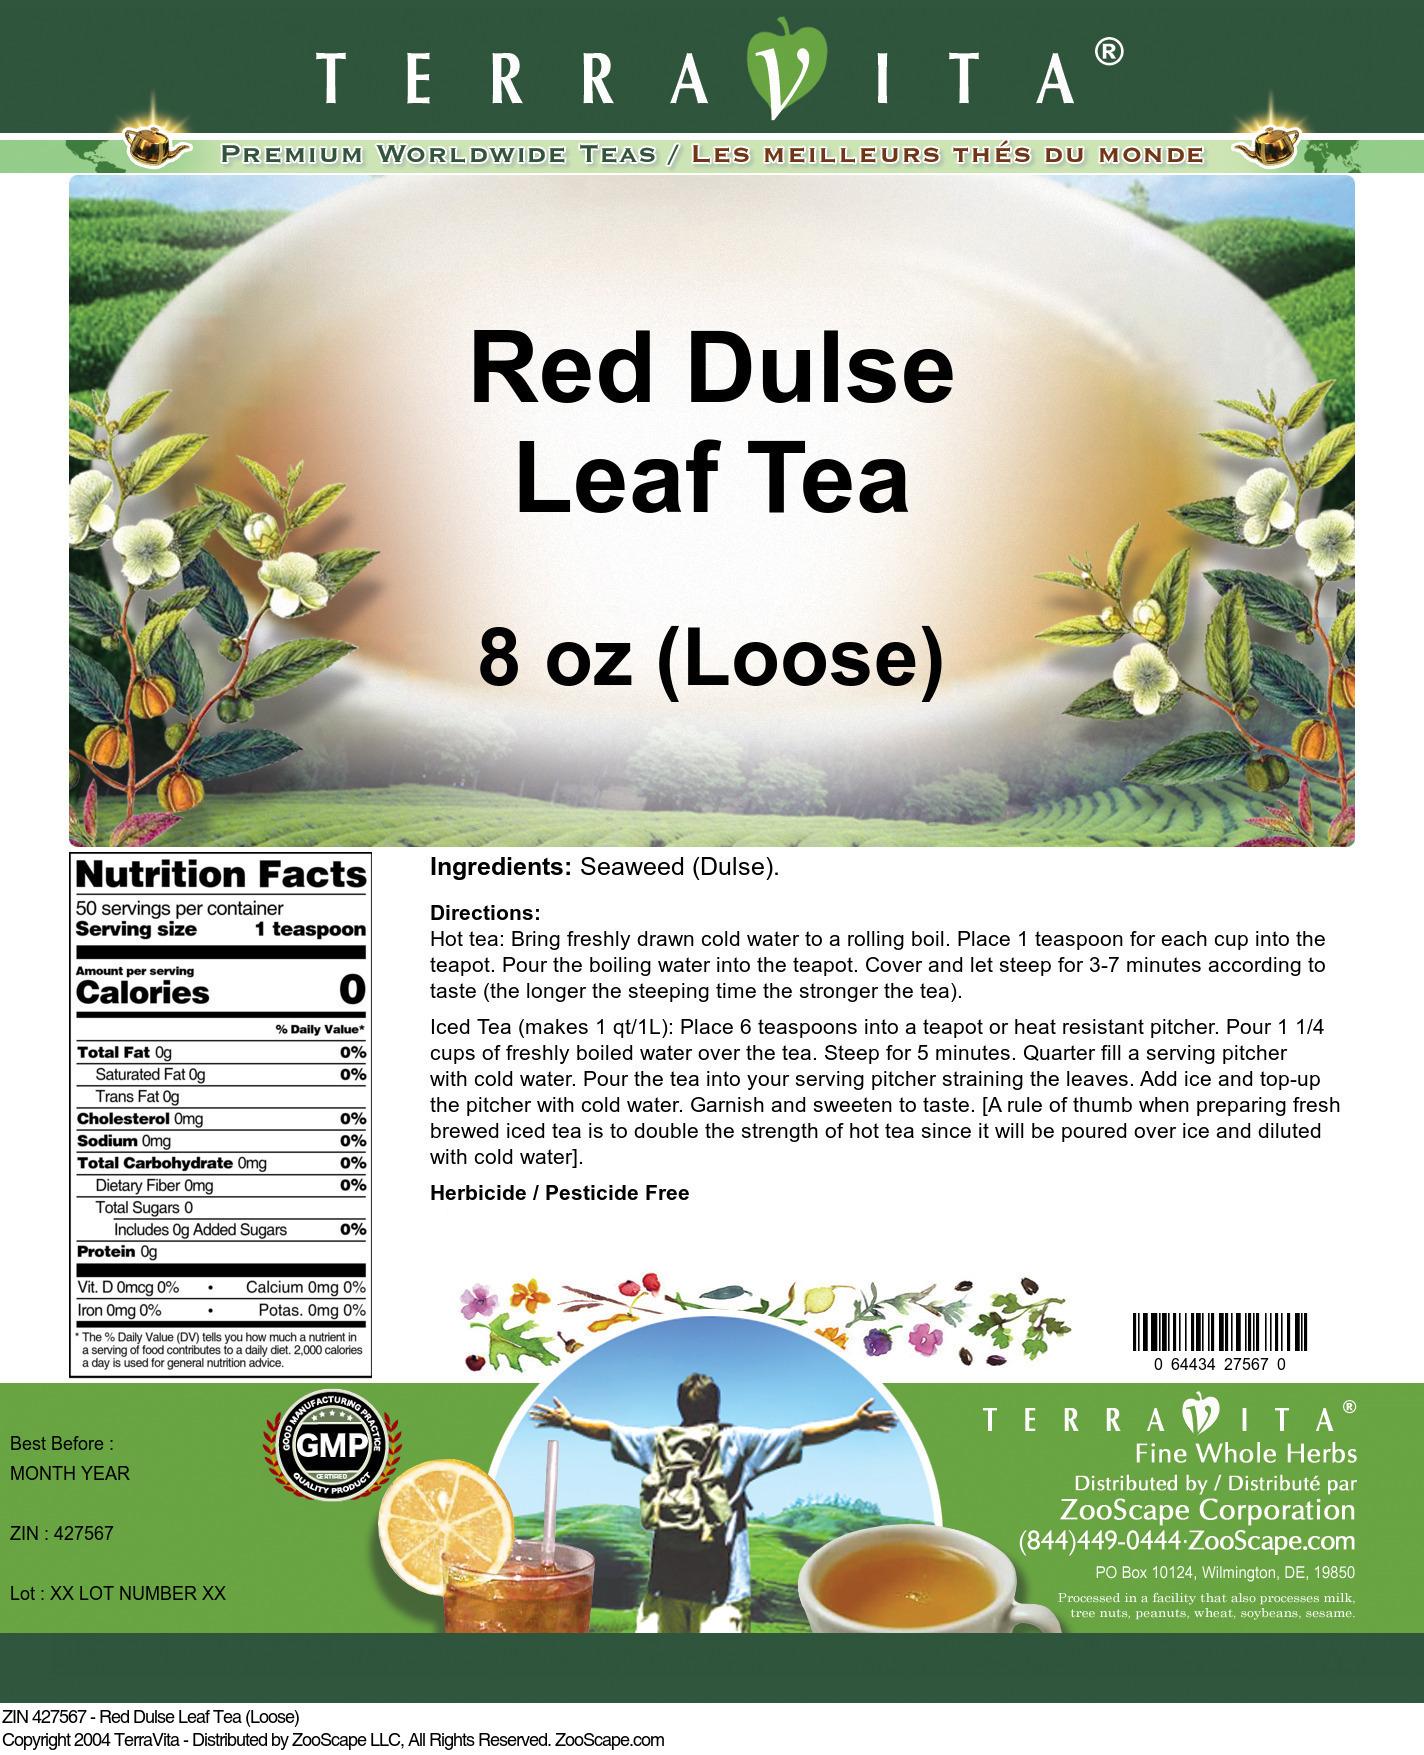 Red Dulse Leaf Tea (Loose)